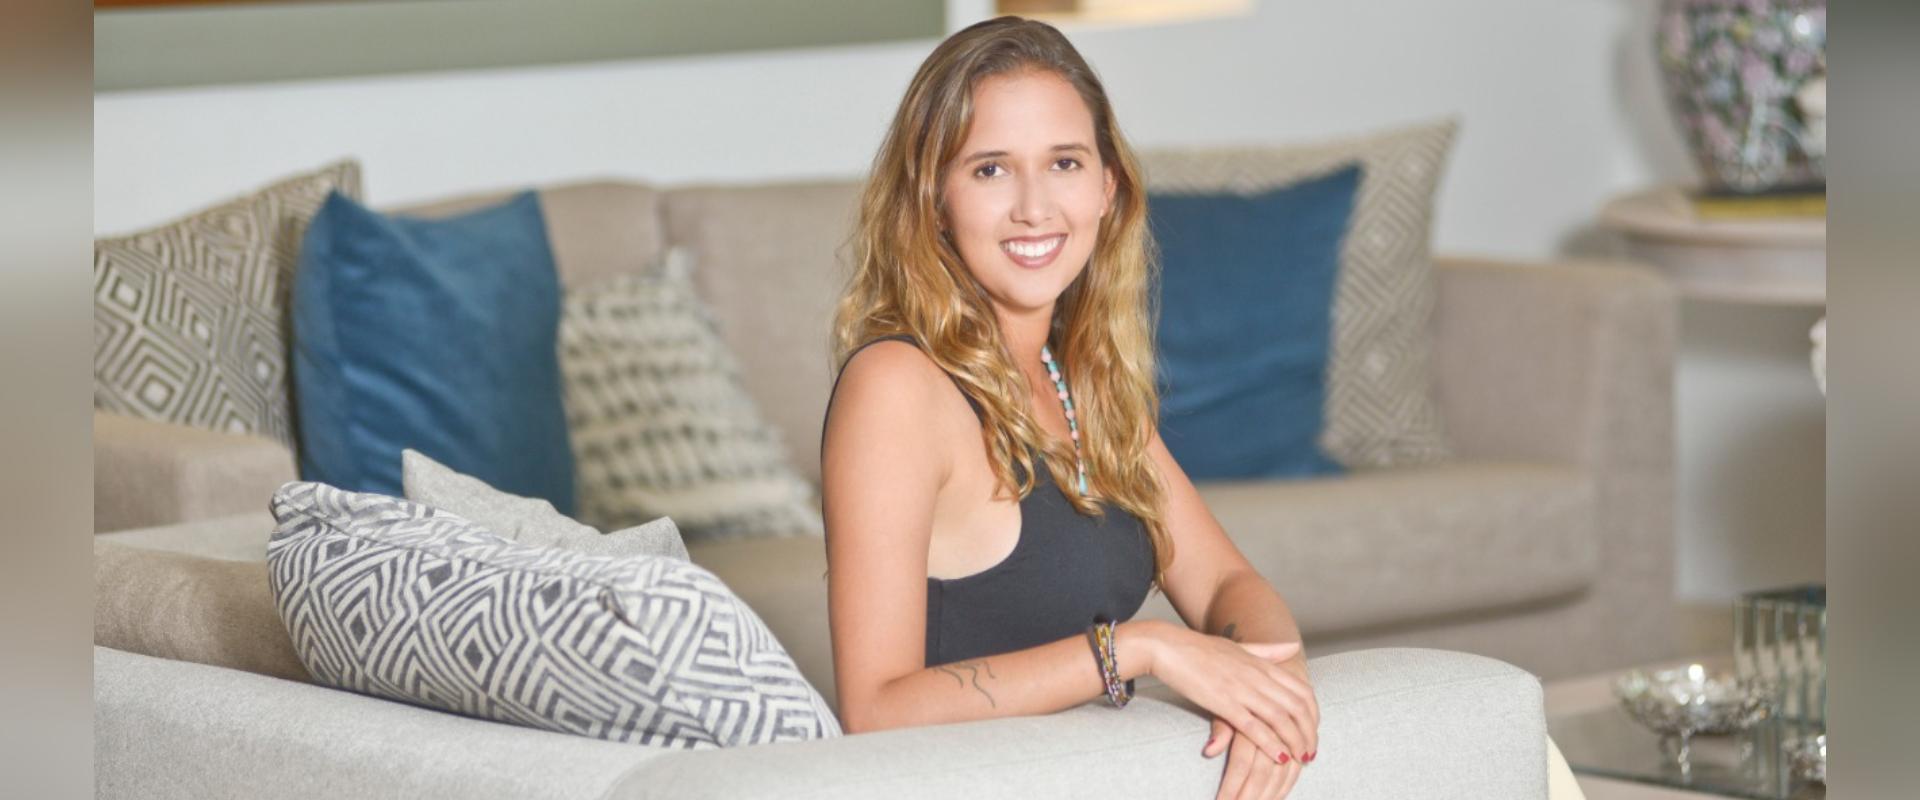 Las raíces que Lorena Villanueva convierte en buenas historias